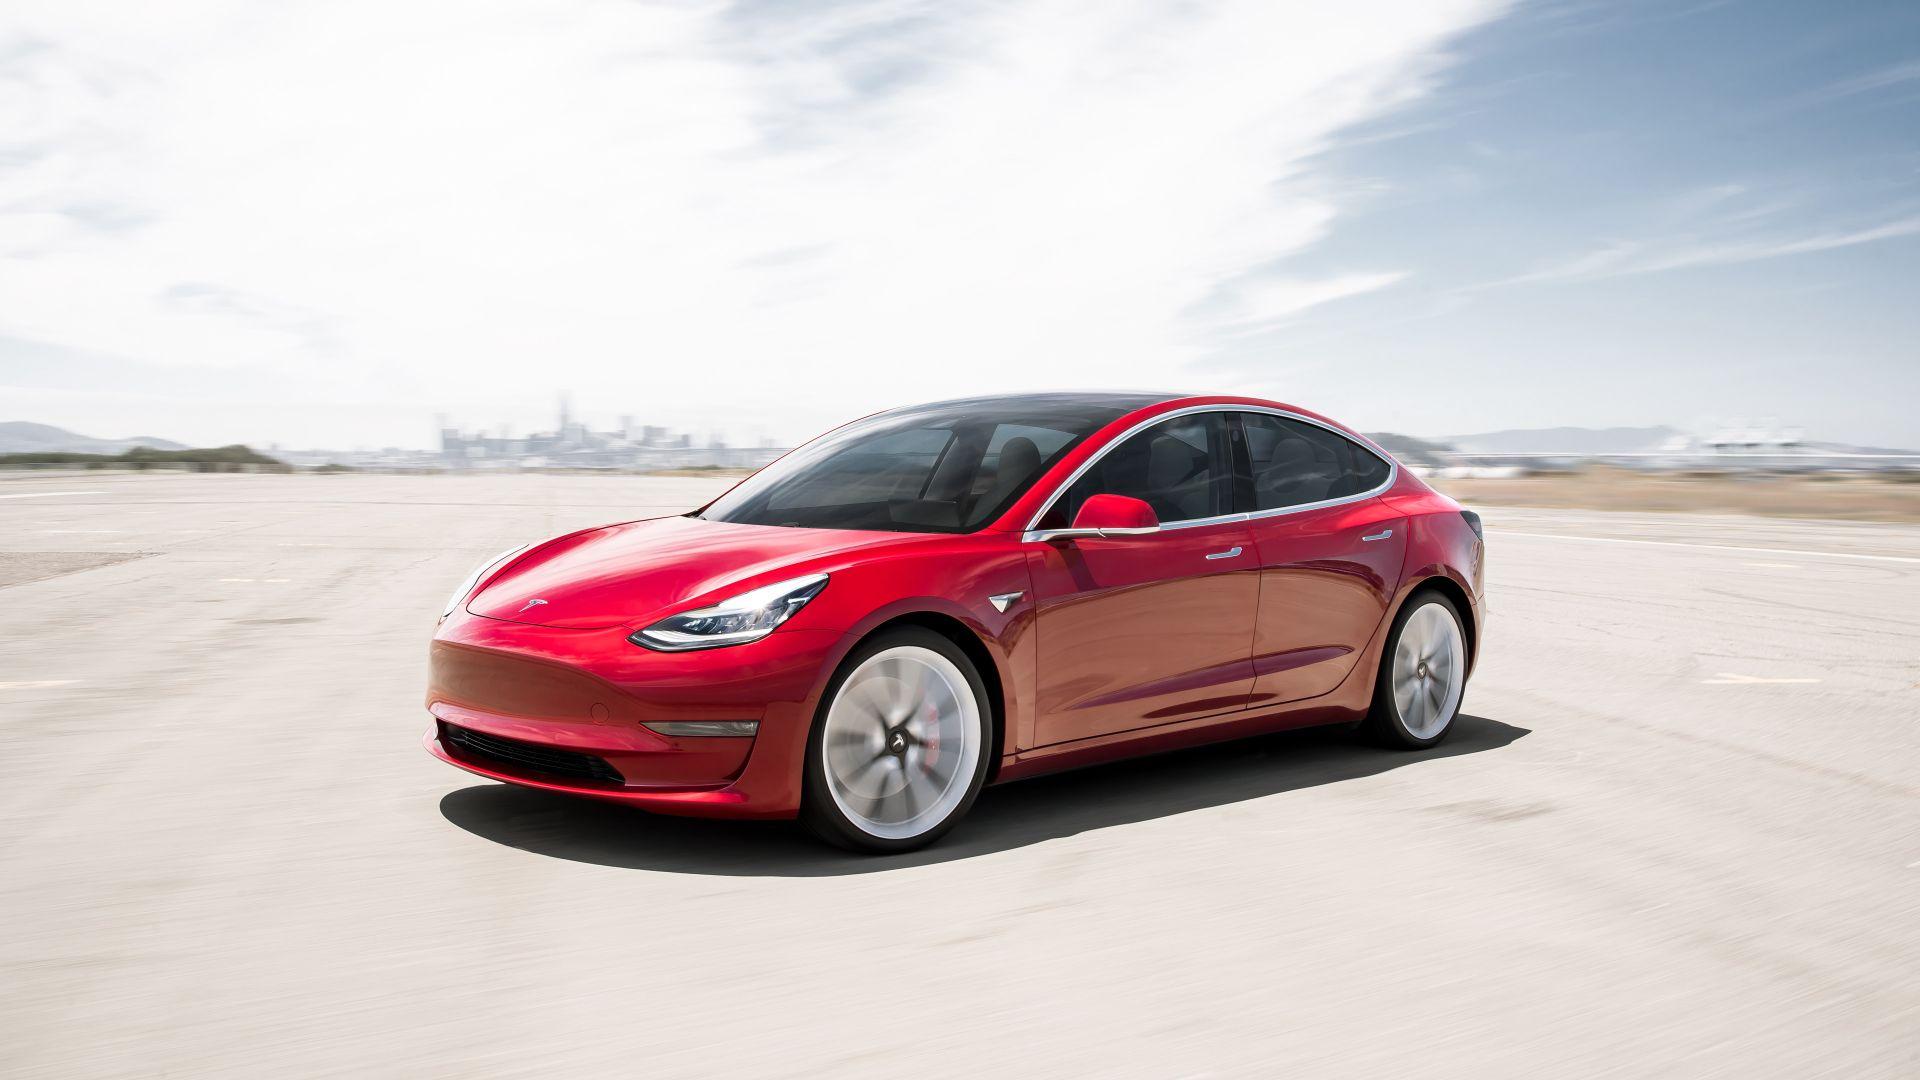 Tesla beginnt mit dem Export von Model 3 aus Gigafactory Shanghai